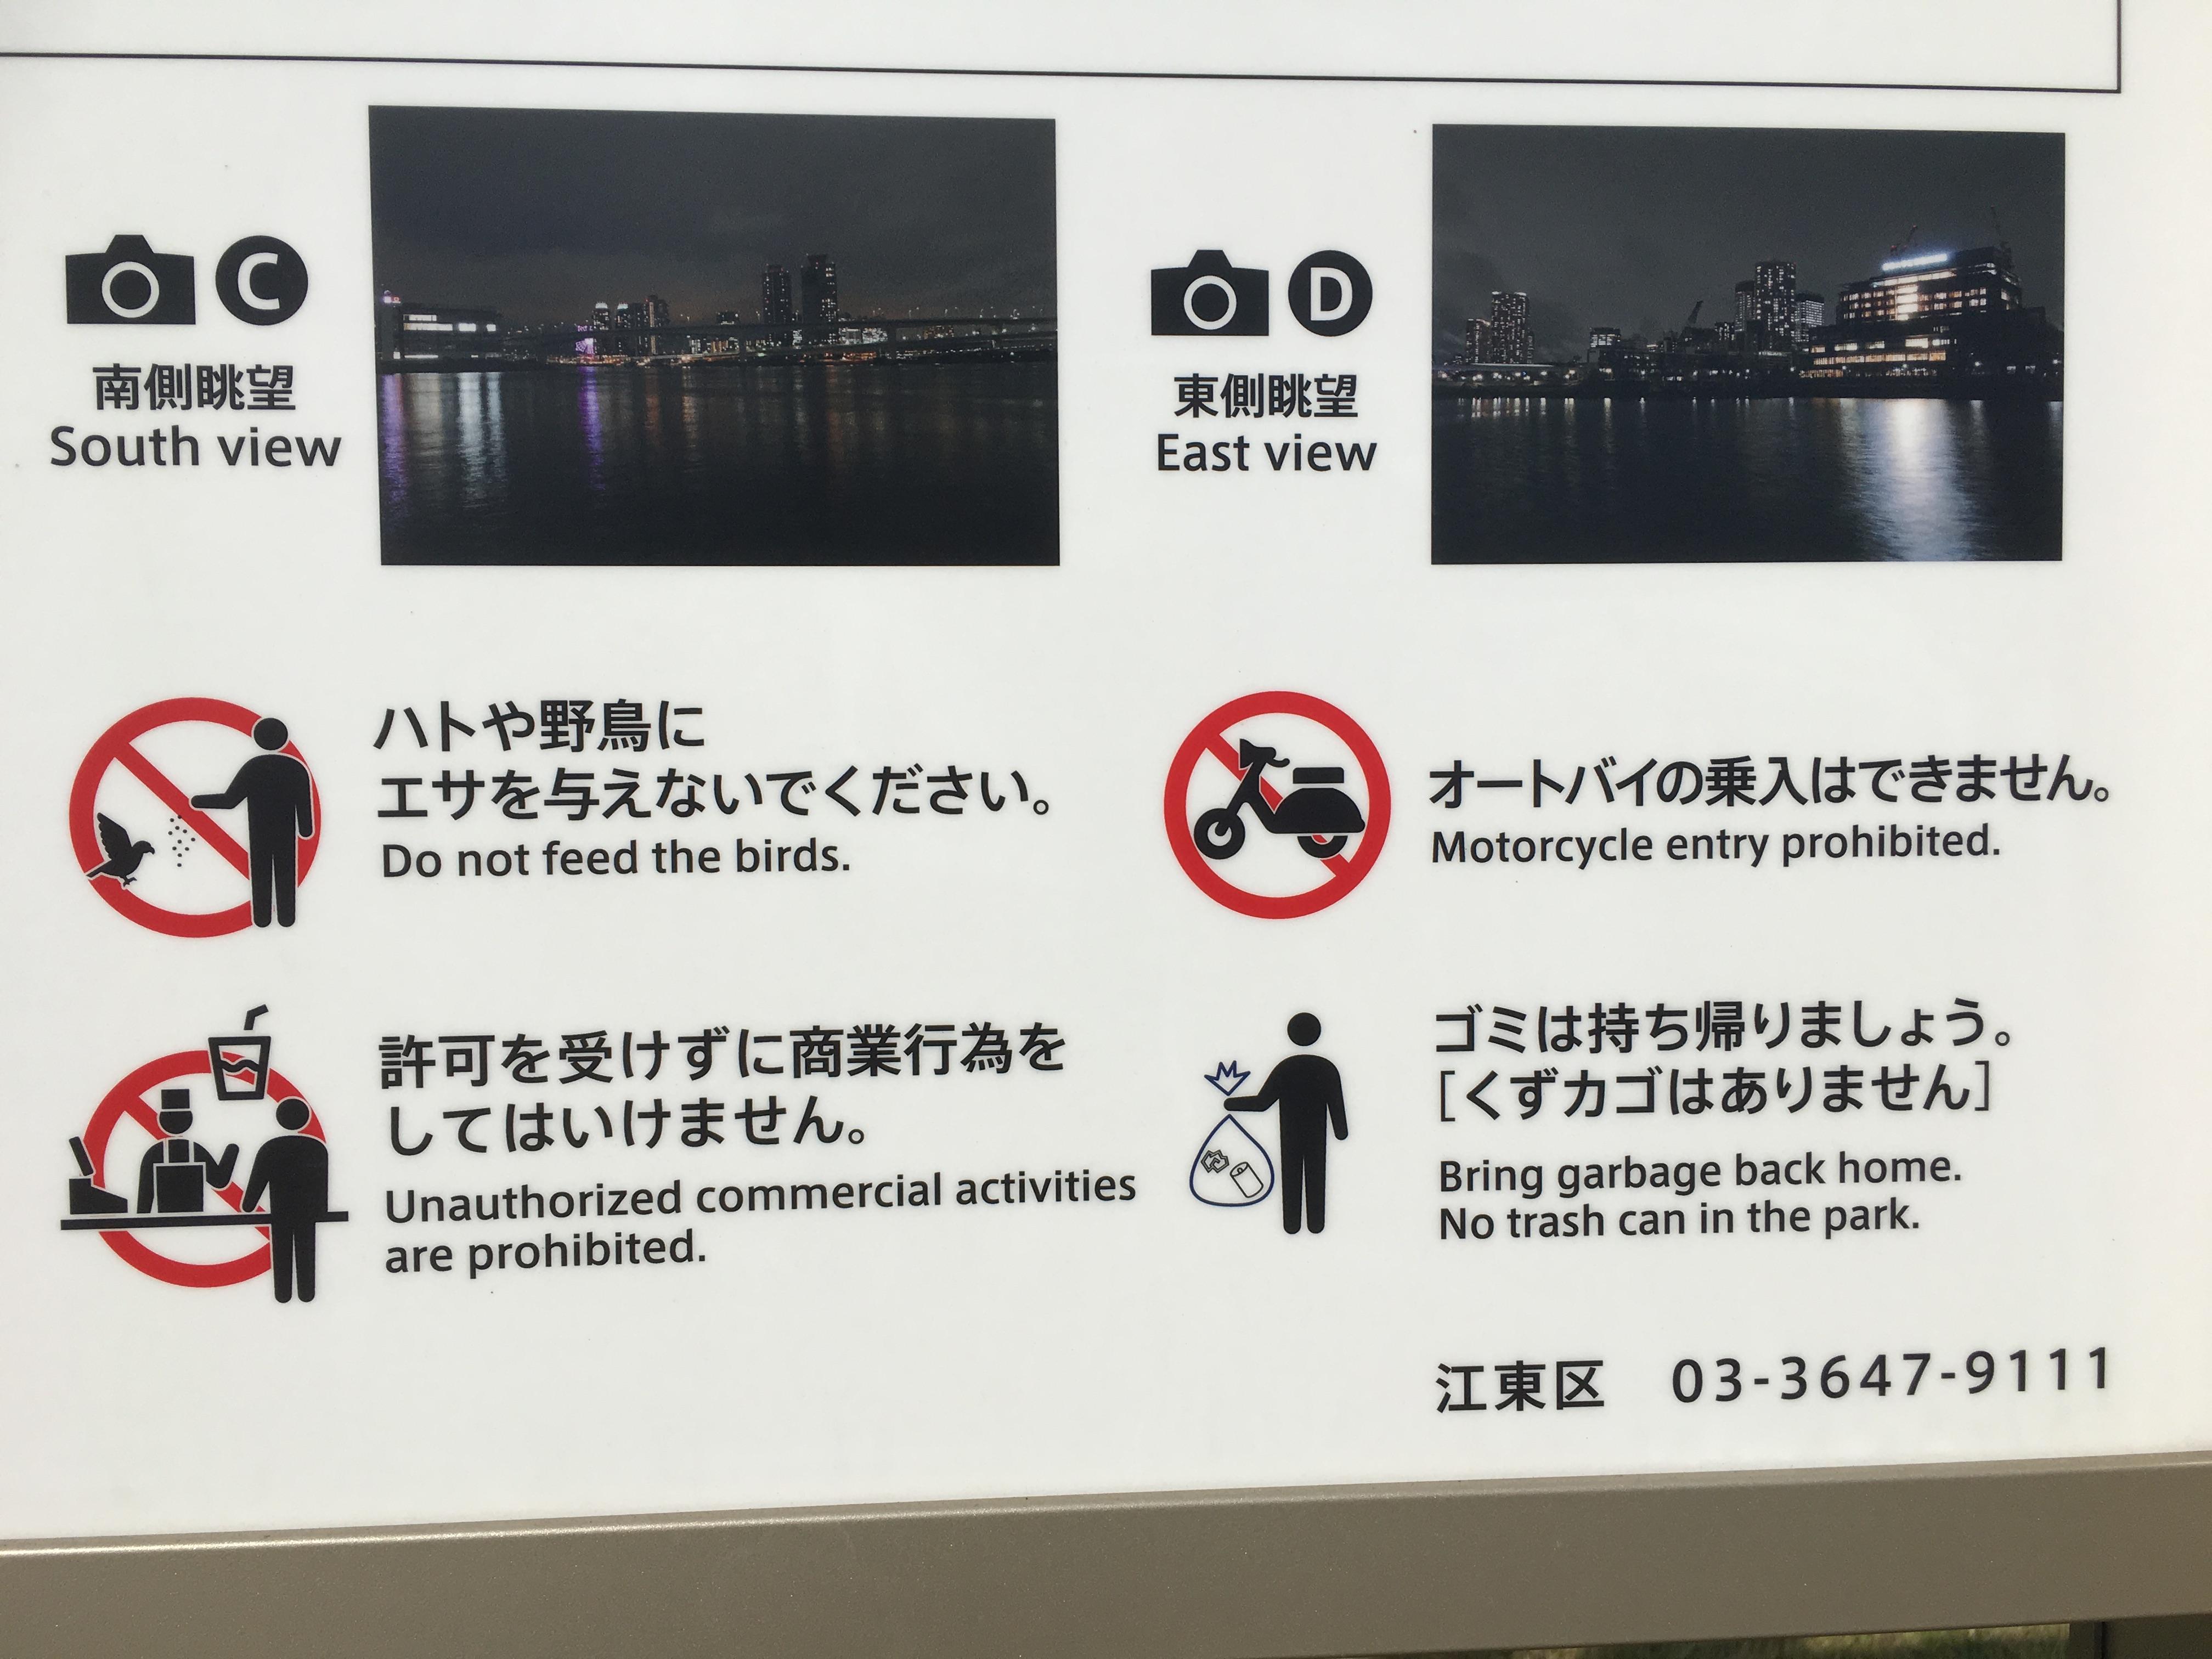 豊洲ぐるり公園 禁止事項